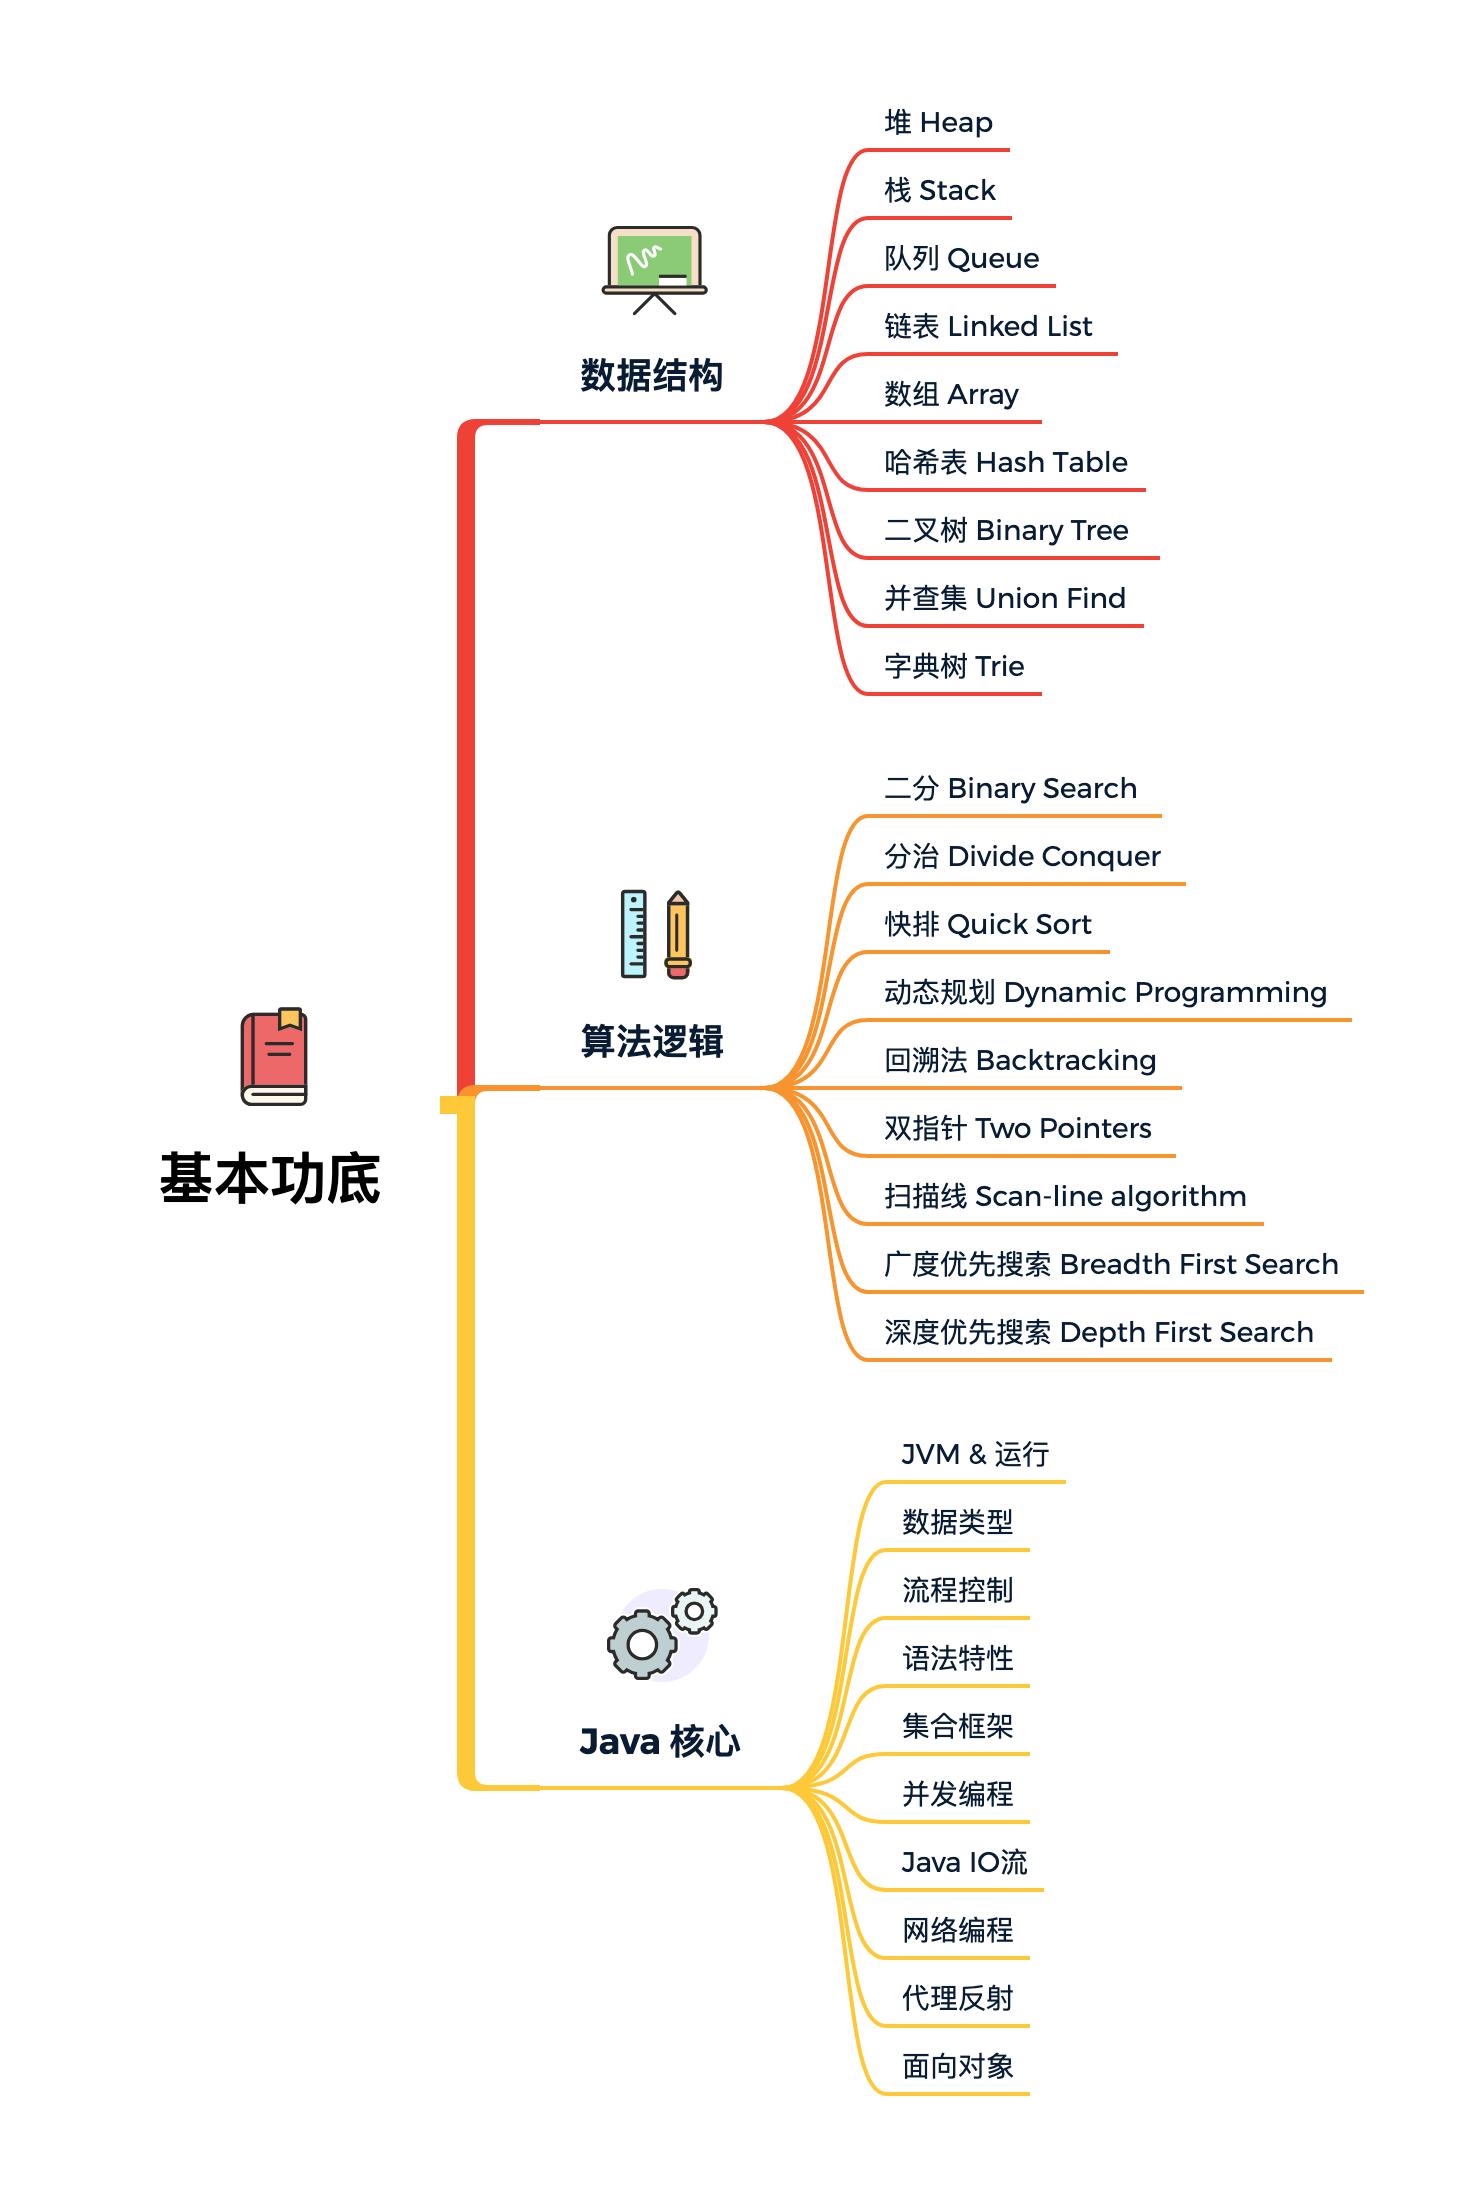 图 16-1 基本功底